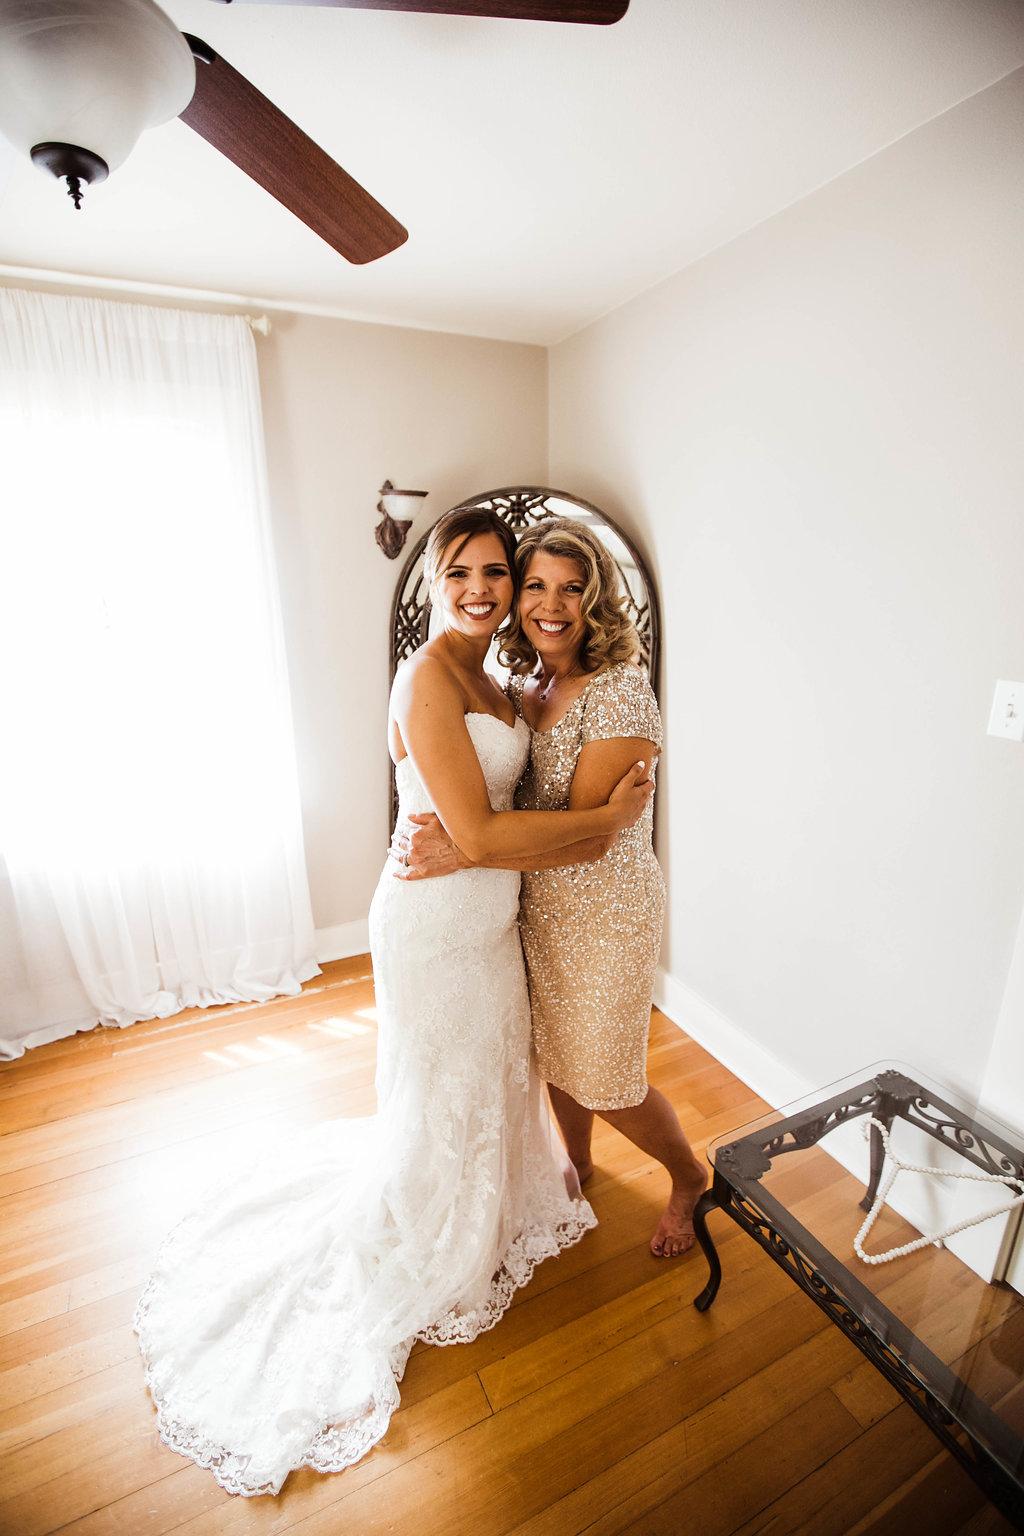 Erin+Tyson_The_Kelley_Farm_Wedding_by_Adina_Preston_Weddings_109.JPG